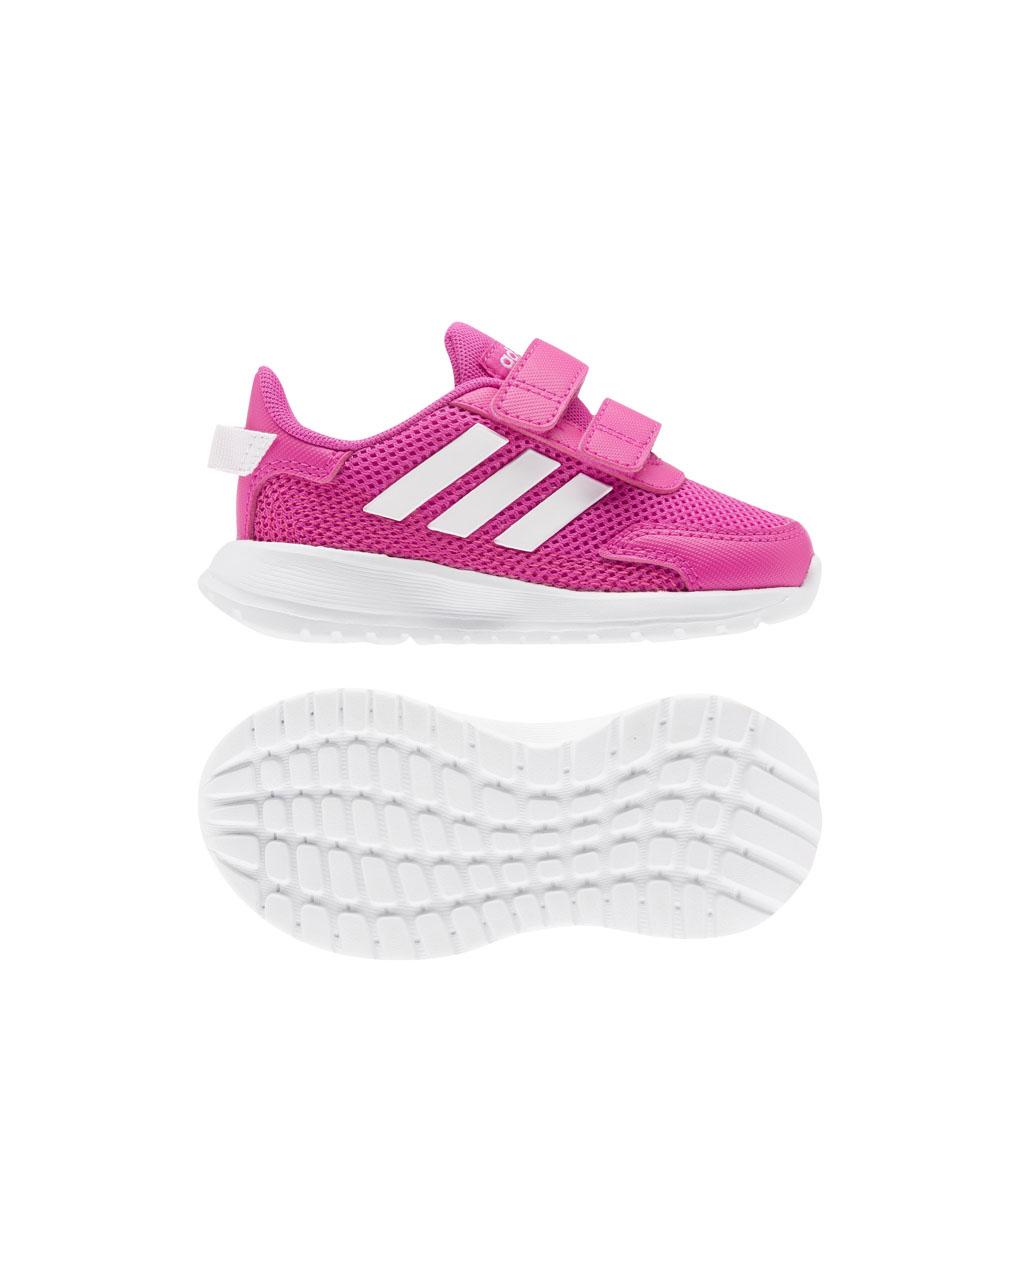 Αθλητικά Παπούτσια Adidas Tensaur Run I για Κορίτσι